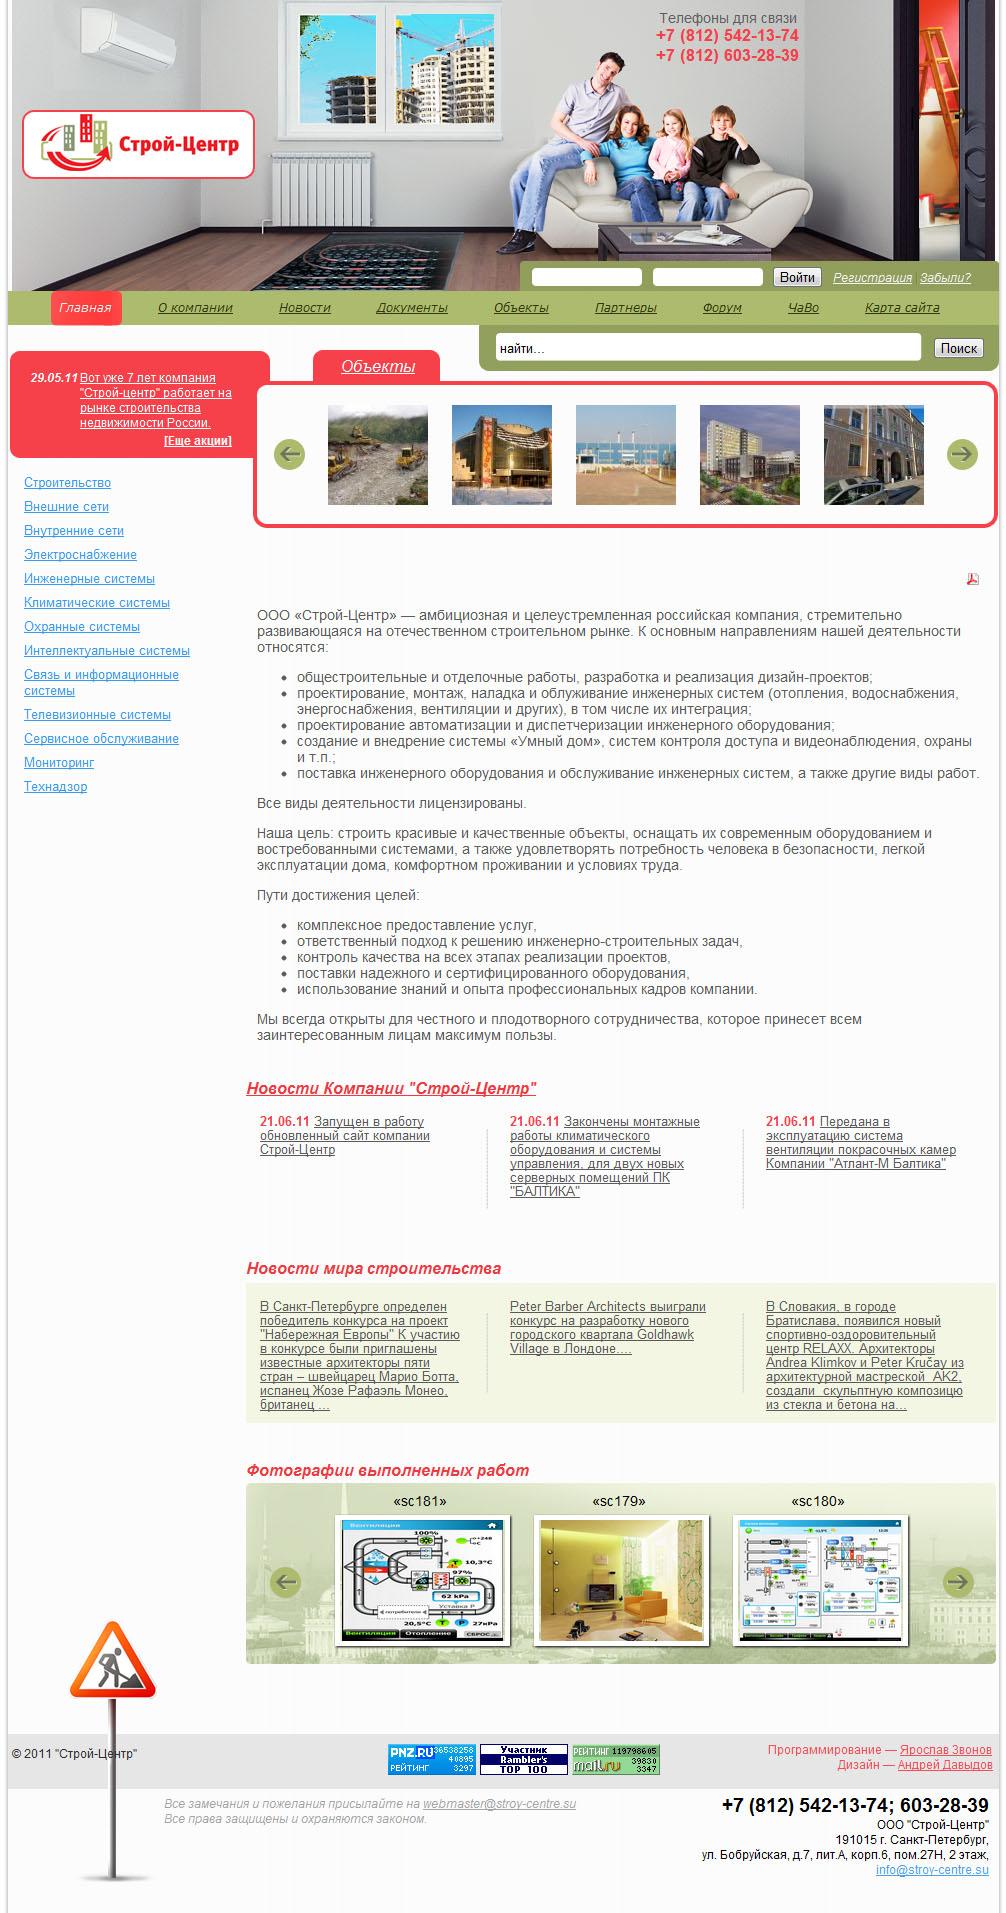 Сайт строительной компании: Строй-центр